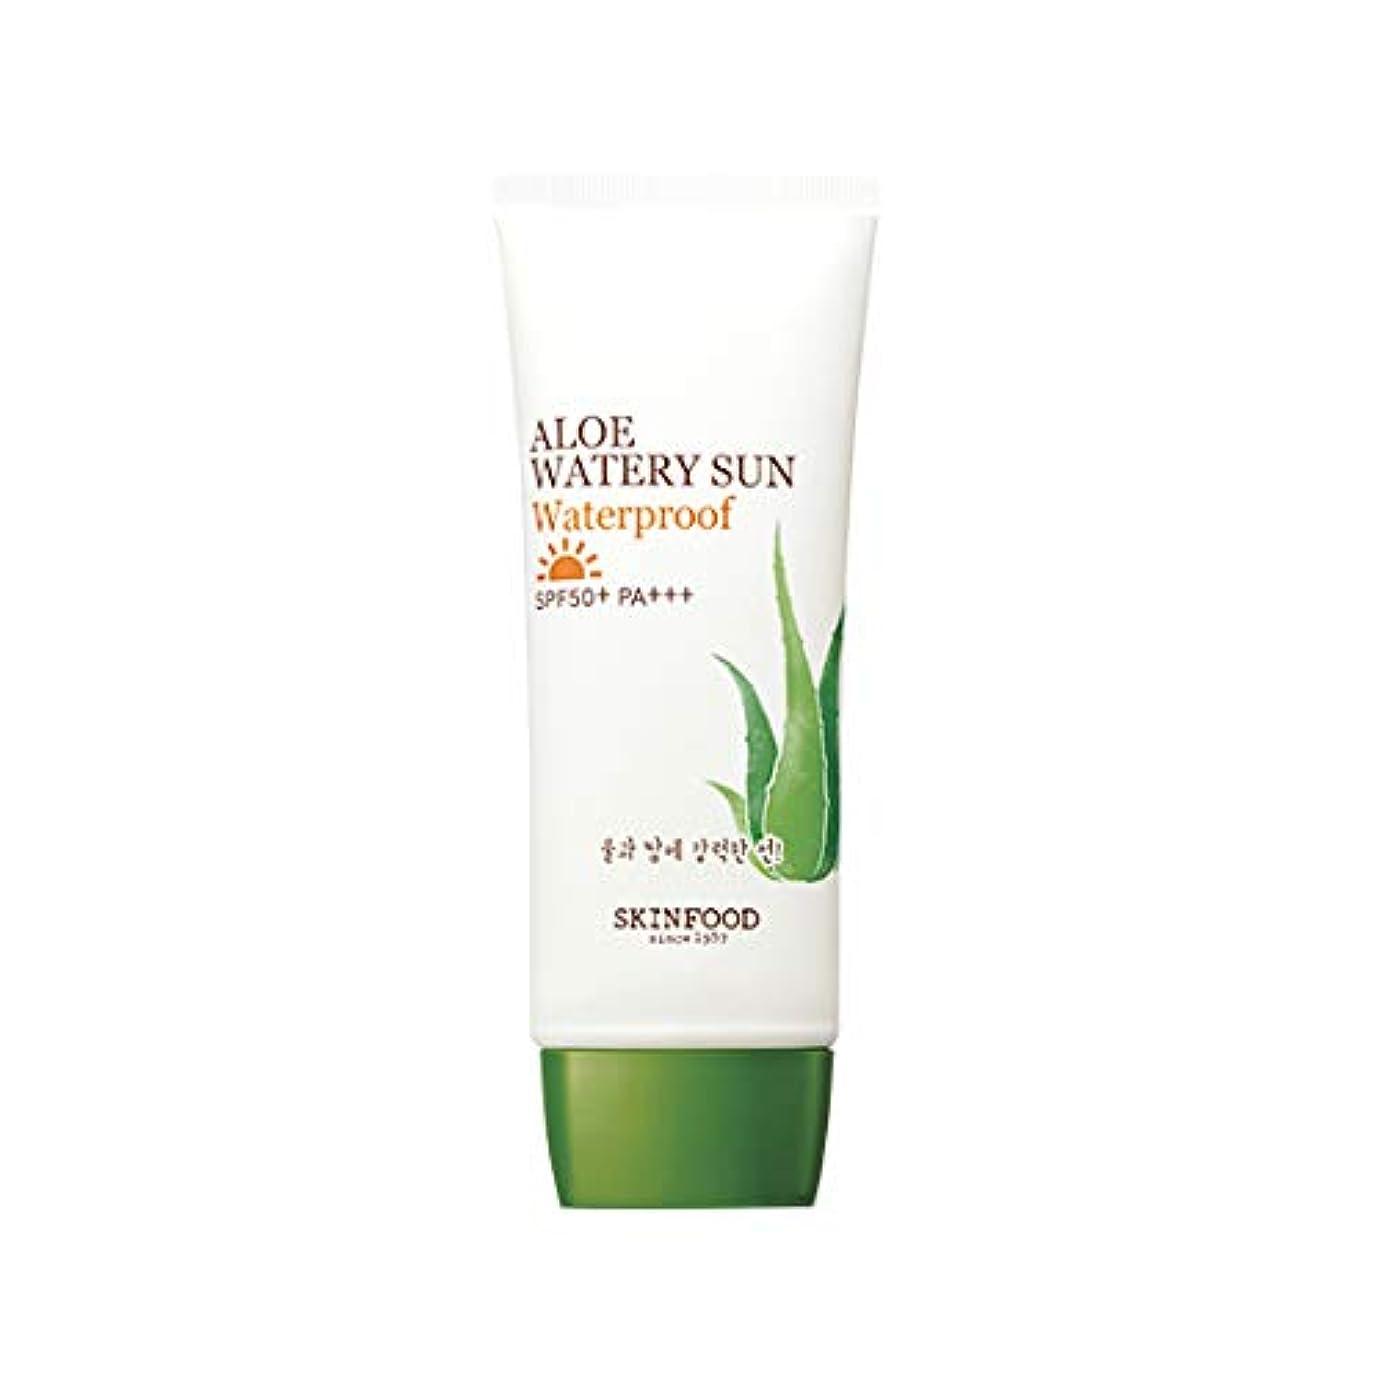 十代の若者たち茎慢Skinfood アロエウォーターサンプルーフSPF50 + PA +++ / Aloe Watery Sun Waterproof SPF50+ PA+++ 50ml [並行輸入品]